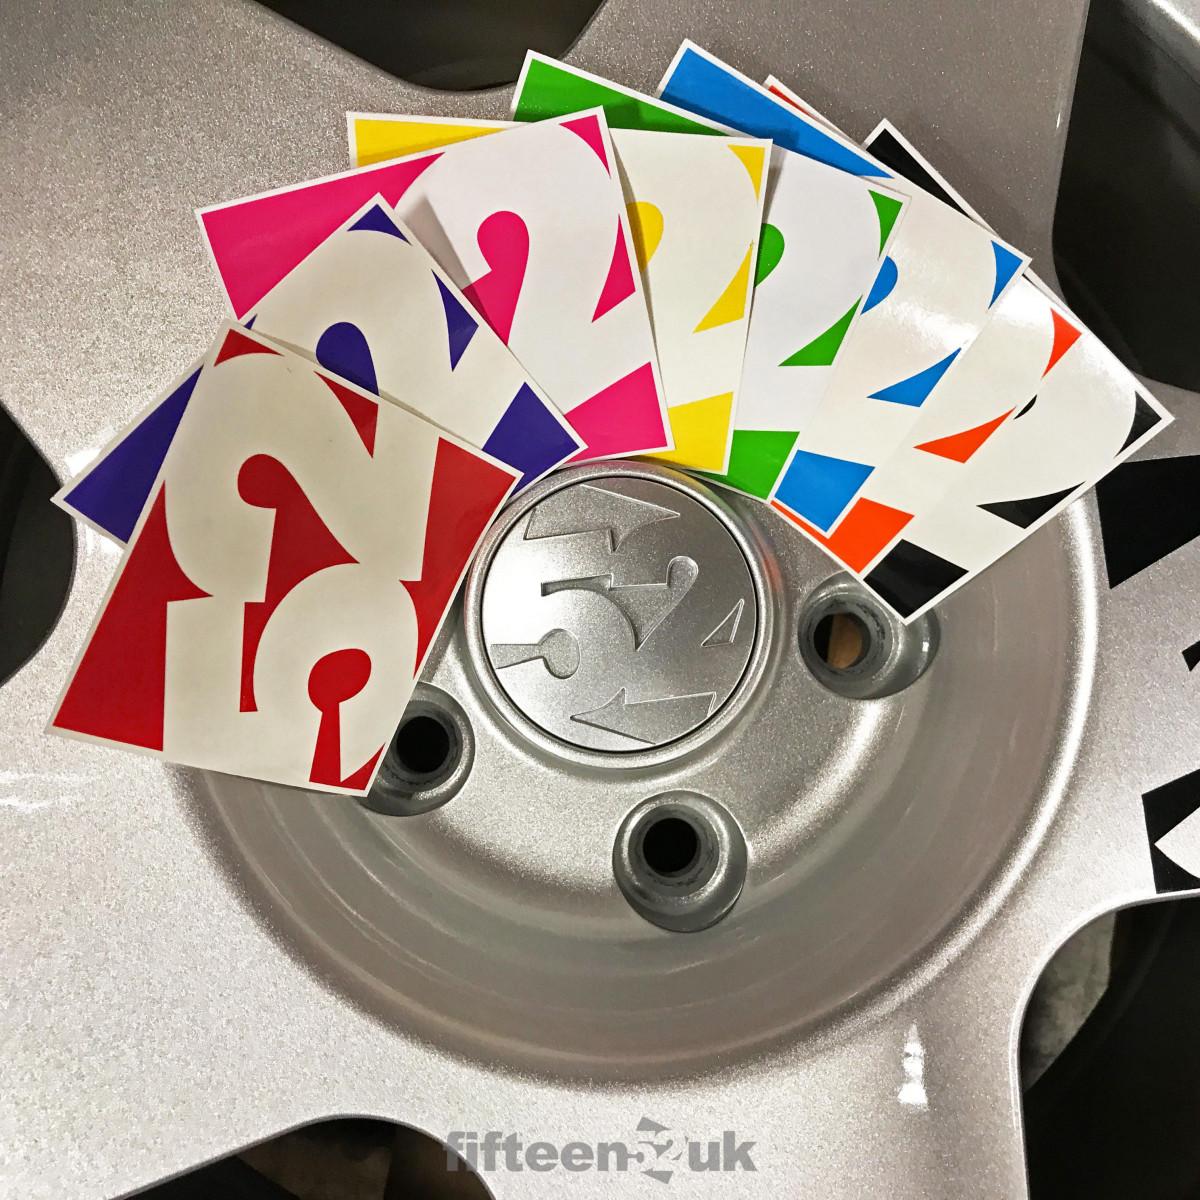 fifteen52 Spoke Stickers